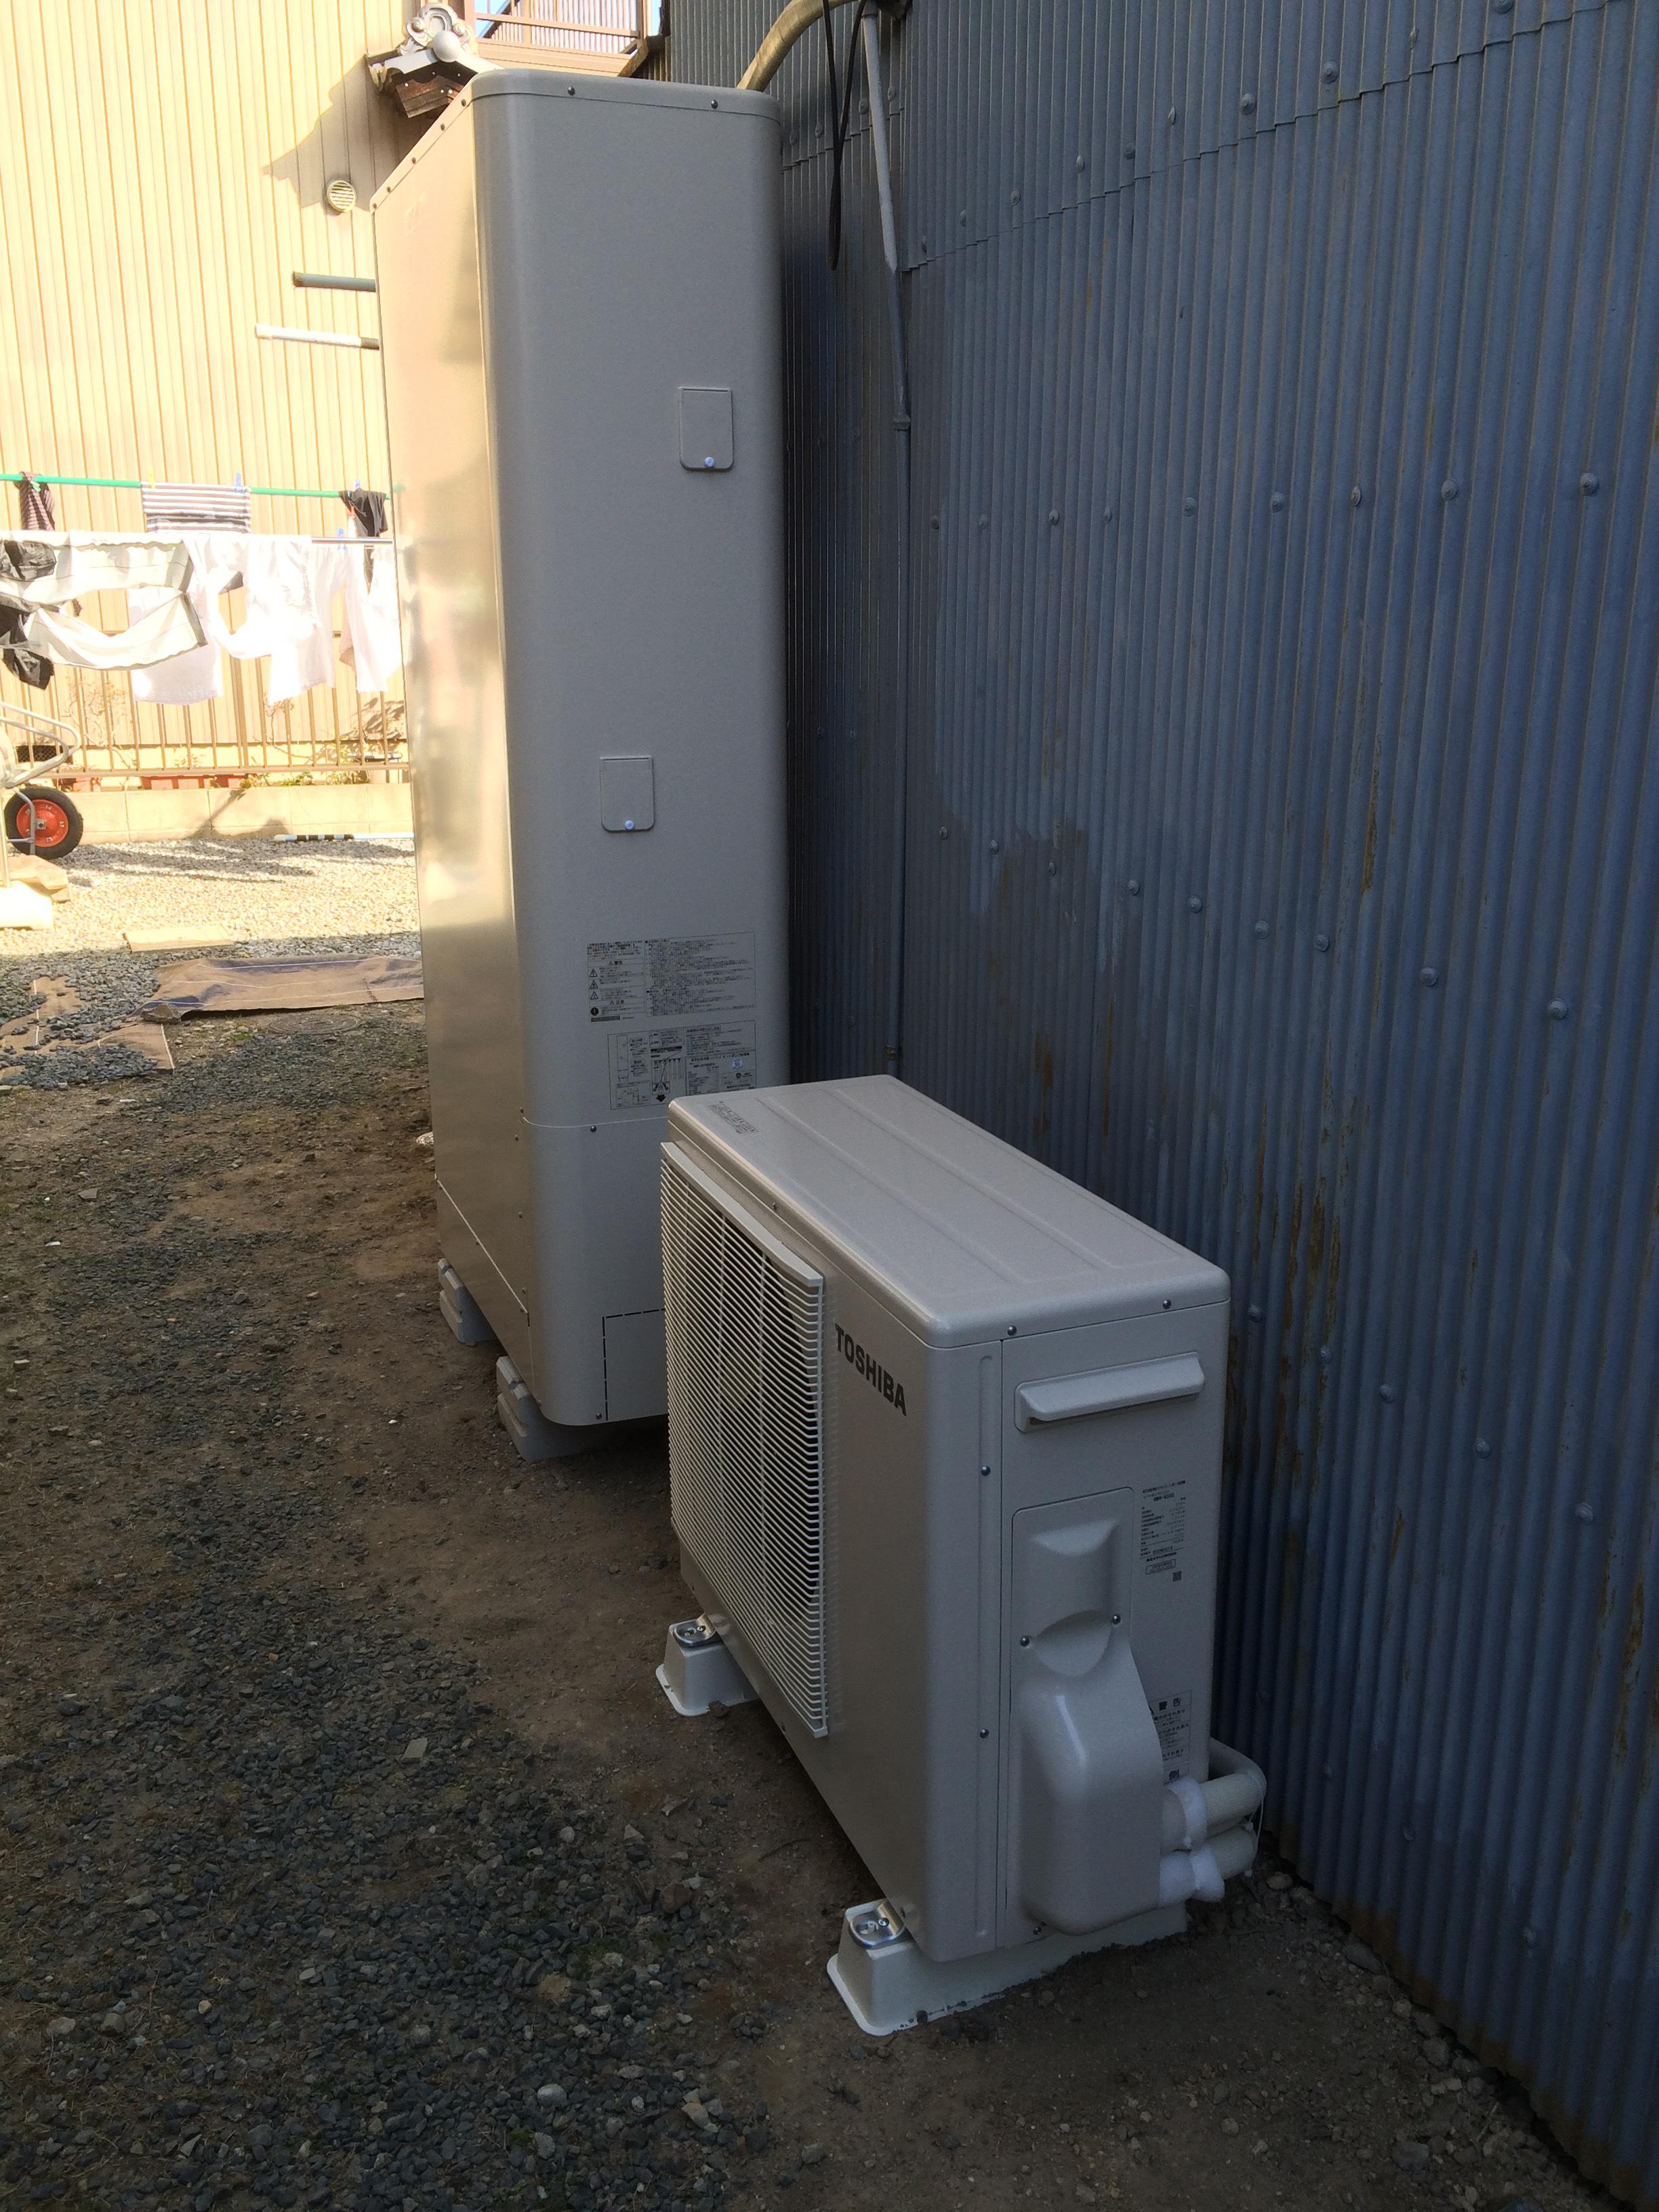 愛知県東芝エコキュート(薄型)HWH-B375HWV施工後の写真